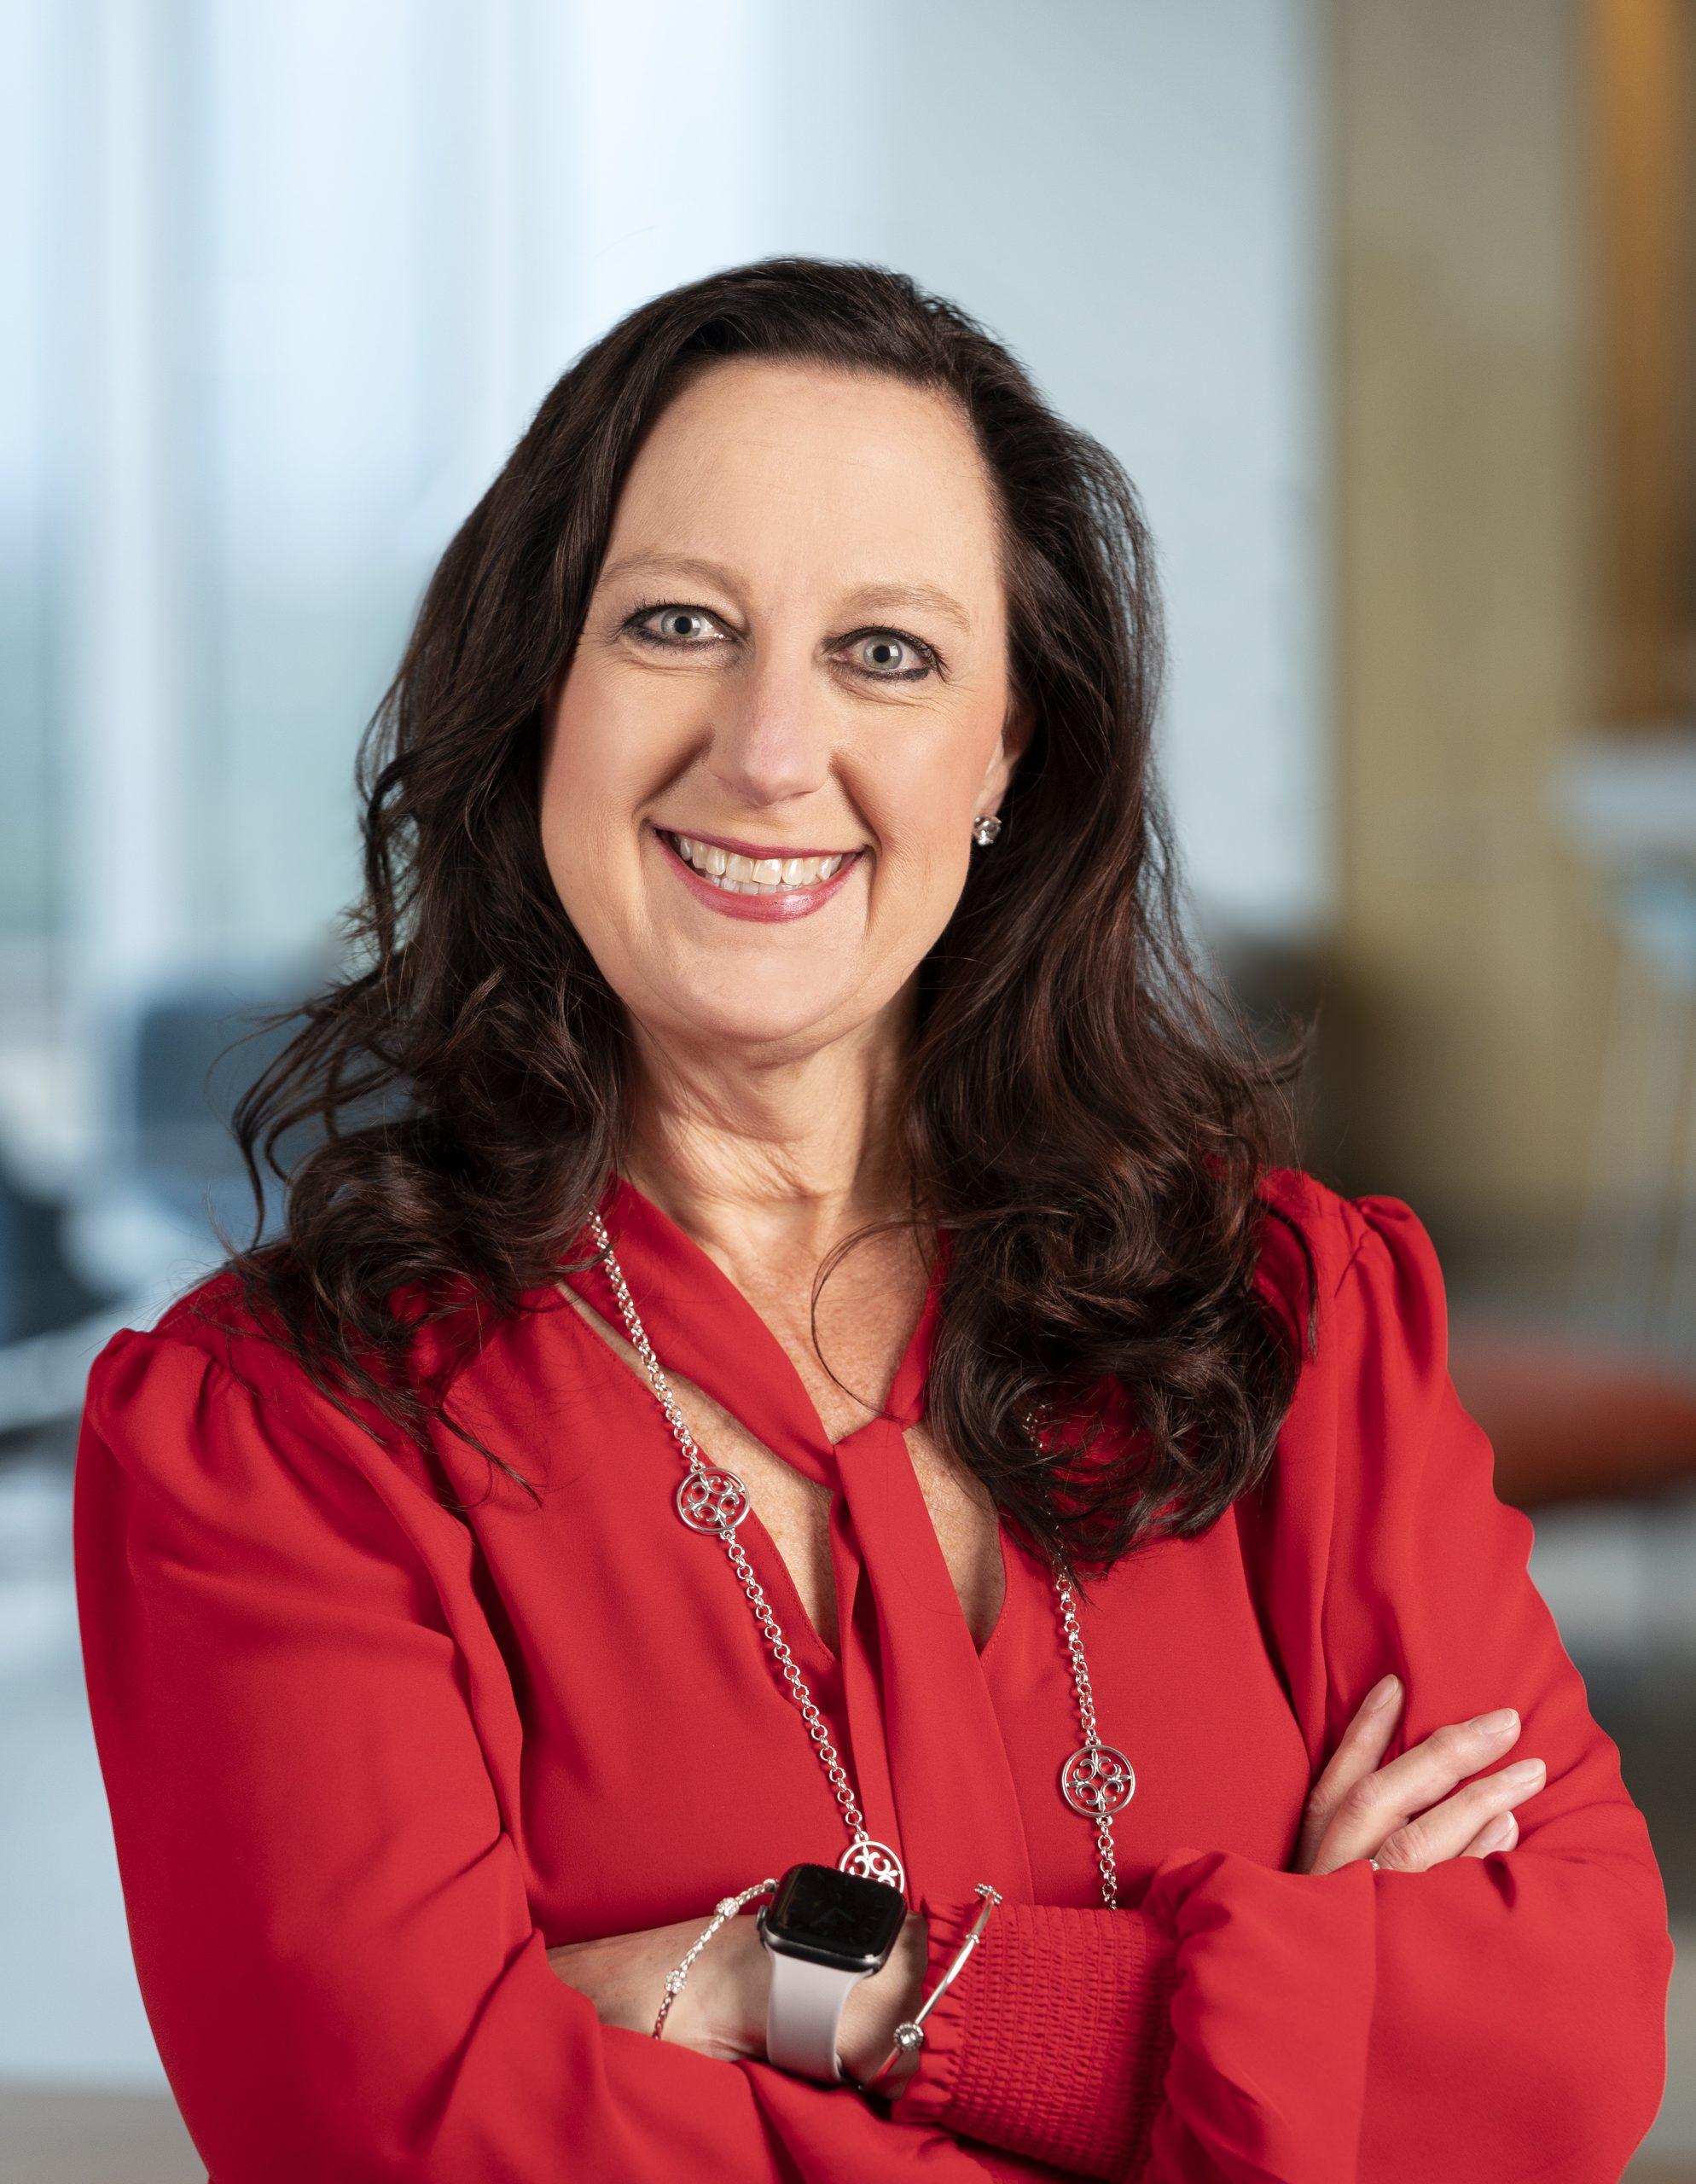 Suzanne Bechtol